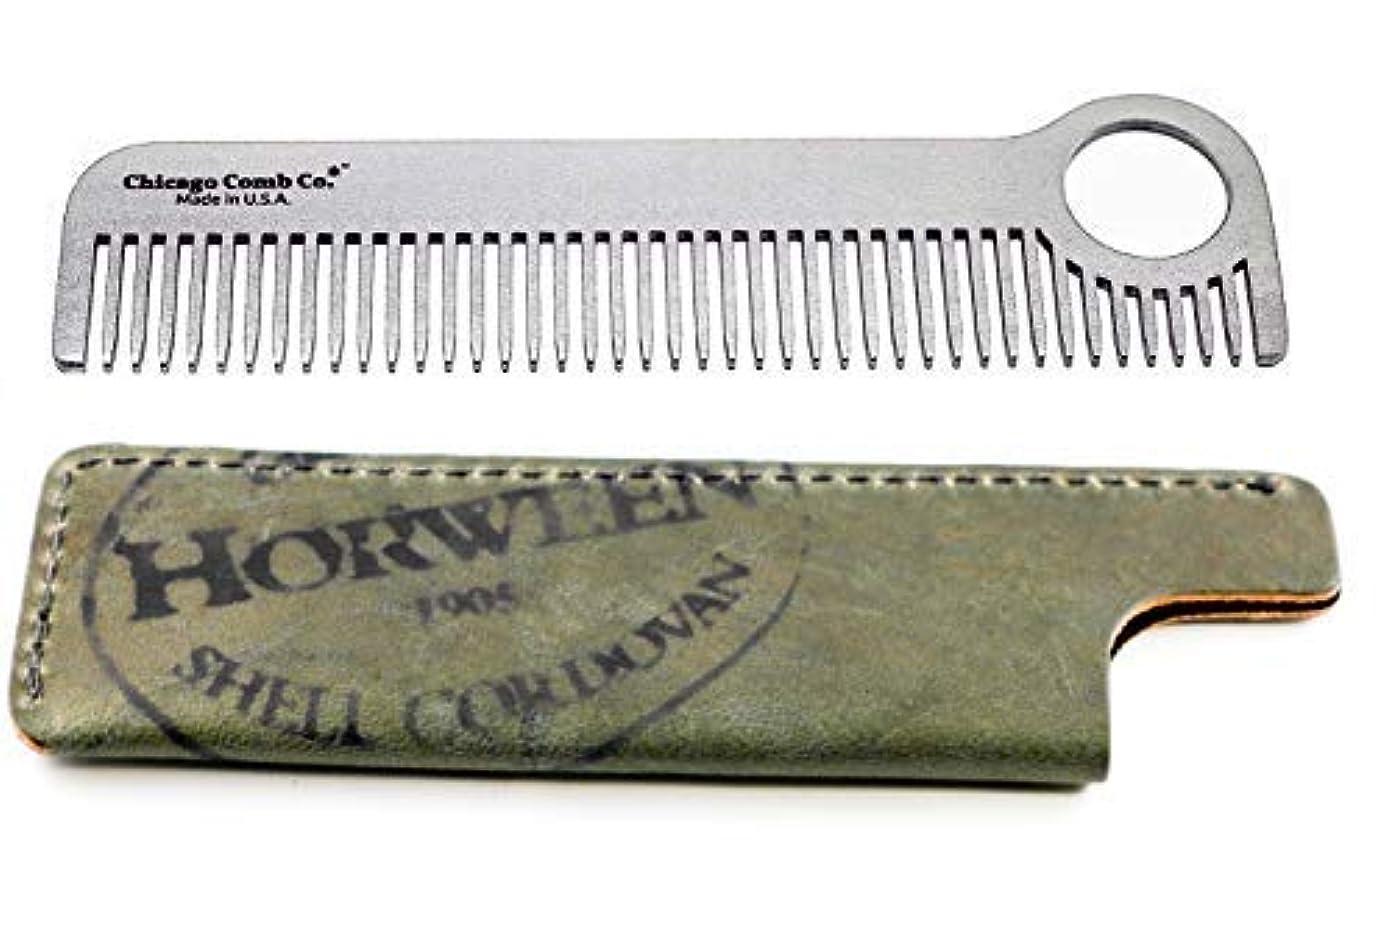 誇りに思うかもめ自体Chicago Comb Model 1 Stainless Steel + Horween Olive Shell Cordovan Sheath, Made in USA, Ultra-Smooth, Durable...